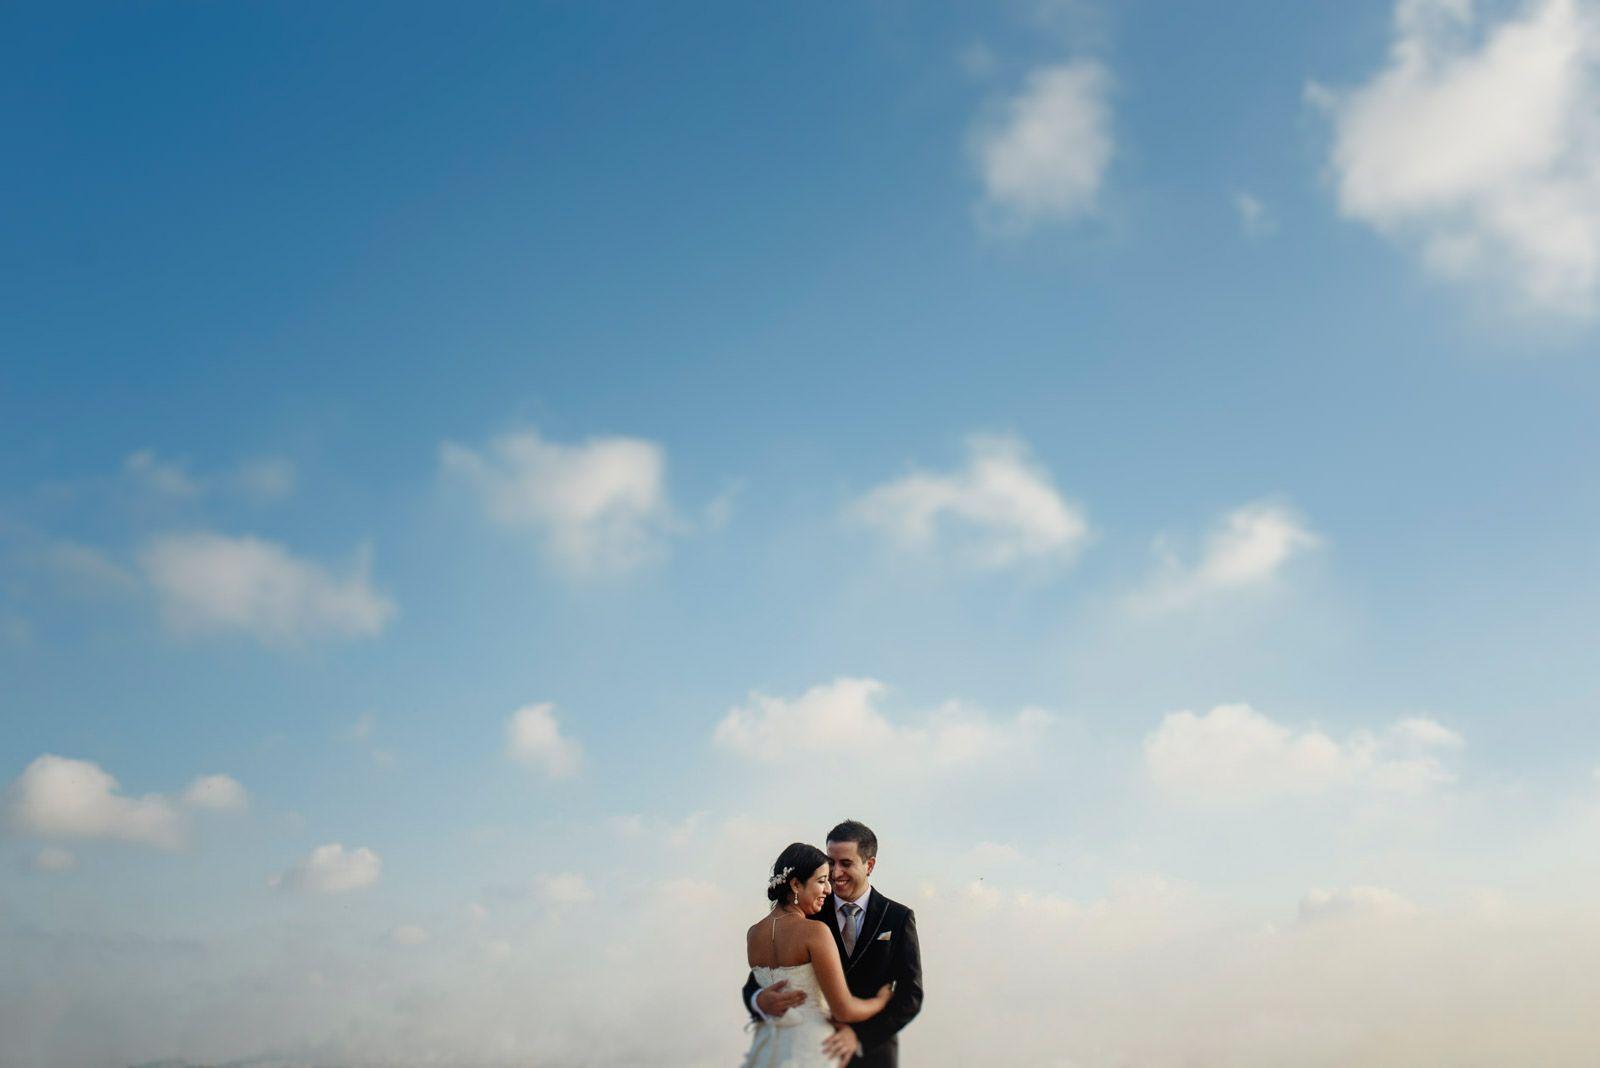 Fotografia Postboda en la playa - Valencia - Santi Miquel - Fotografo de boda - 001